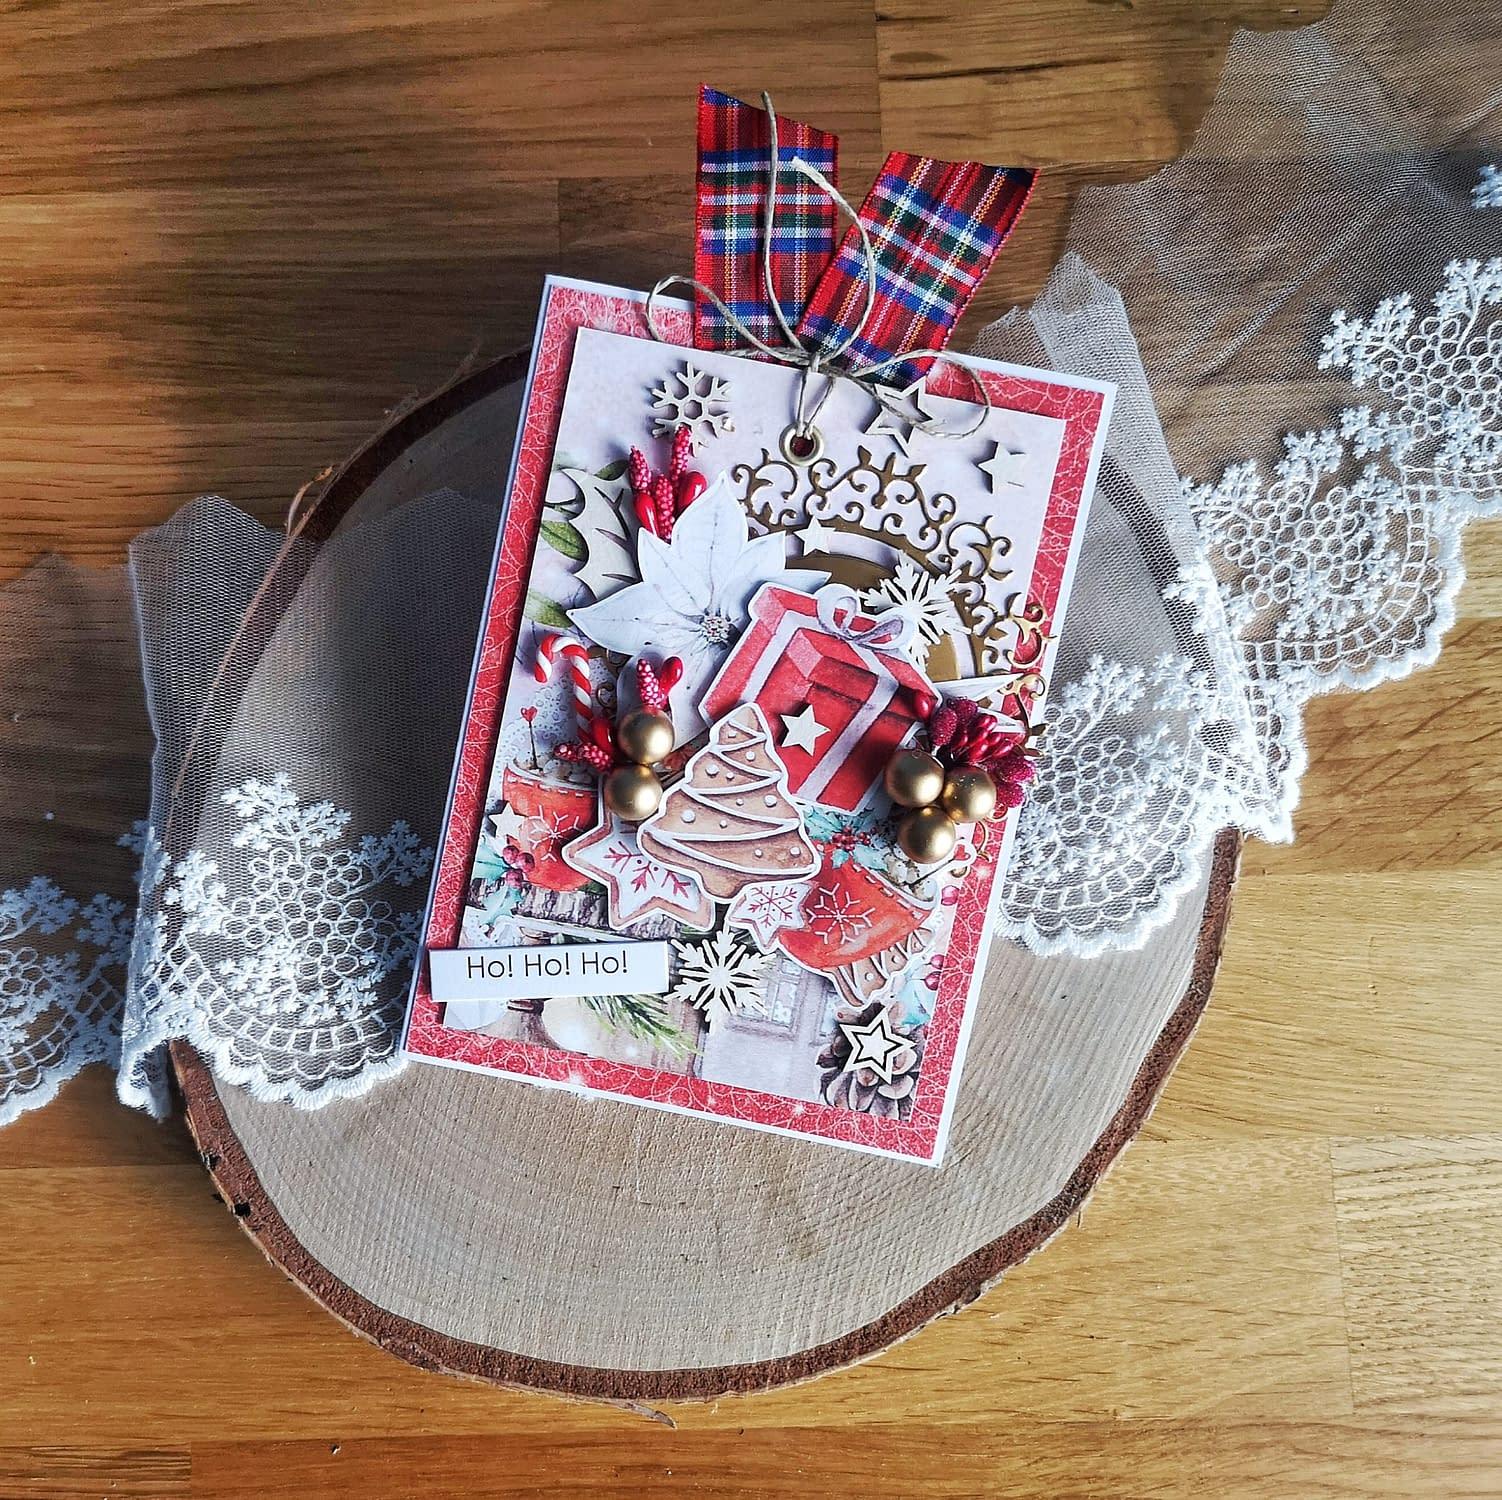 Ręcznie wykonana kartka bożonarodzeniowa, ozdobiona tematycznymi wycinankami.